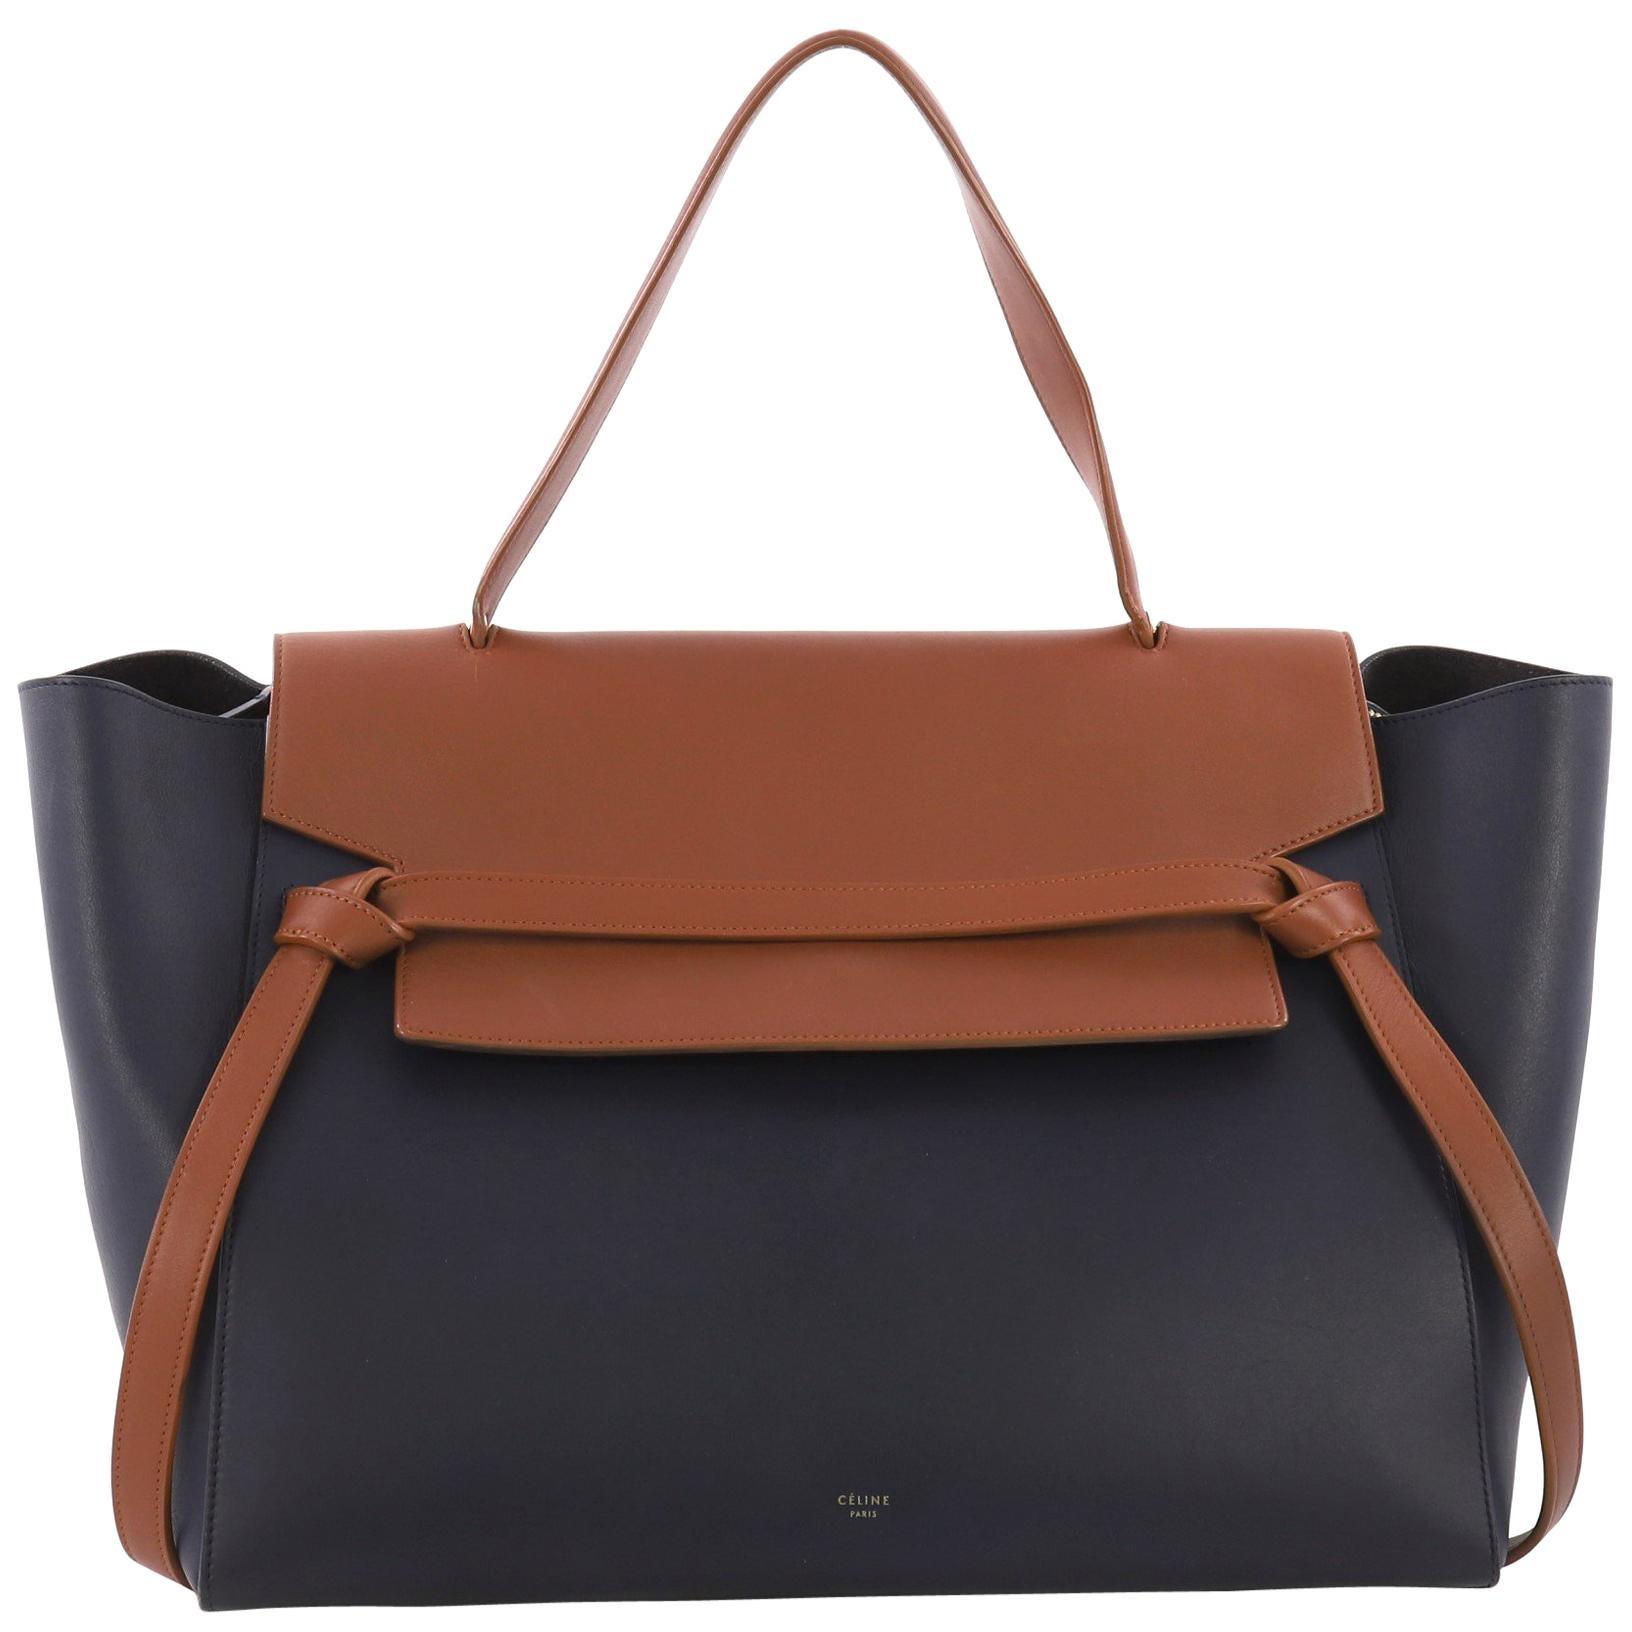 4fbcbcbae5 Celine Leather Handbags - 113 For Sale on 1stdibs